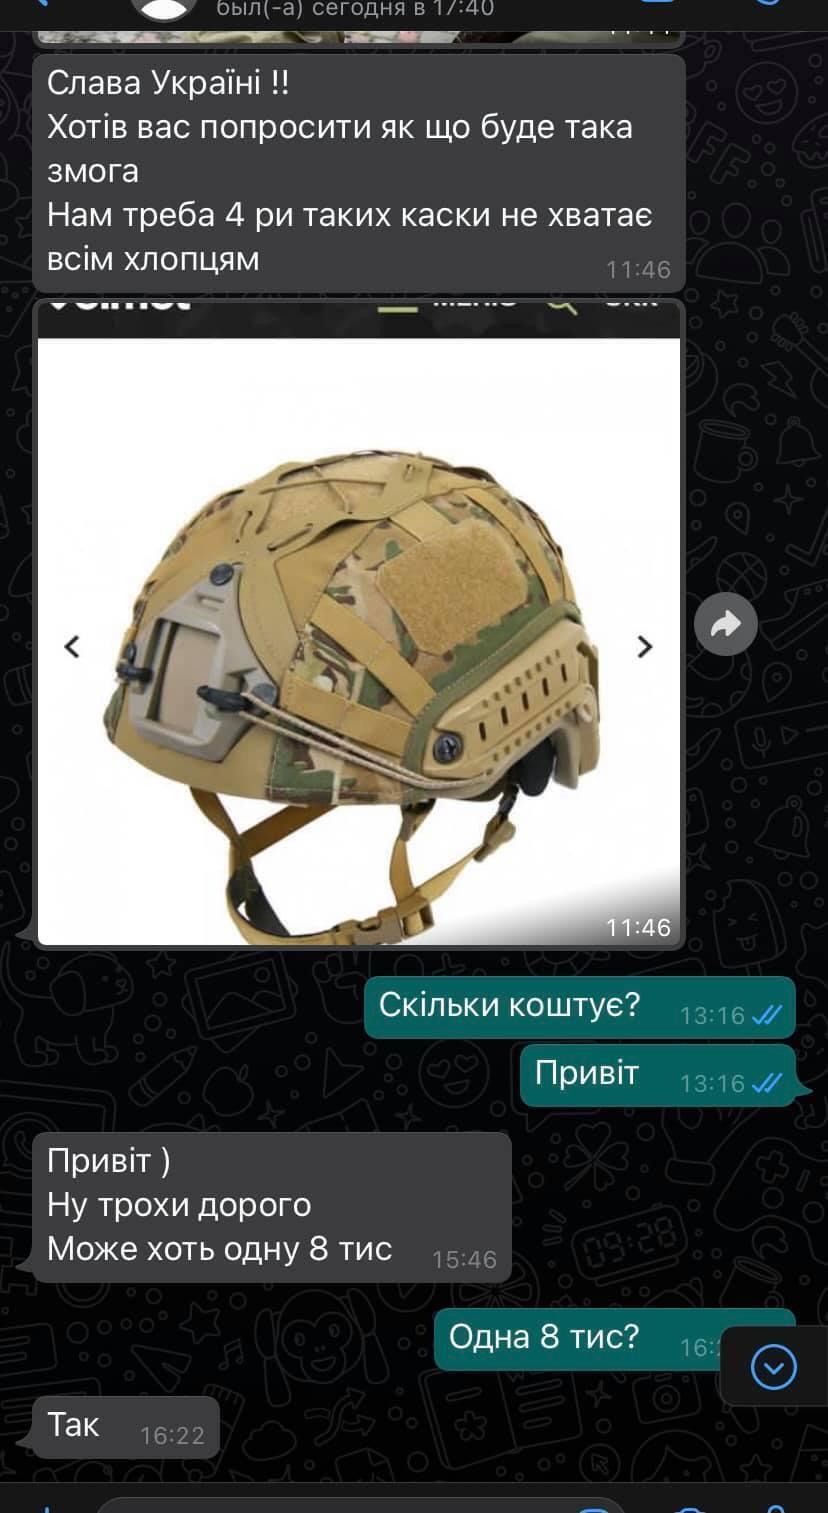 Це наша армія і наша країна: не будемо байдужими!